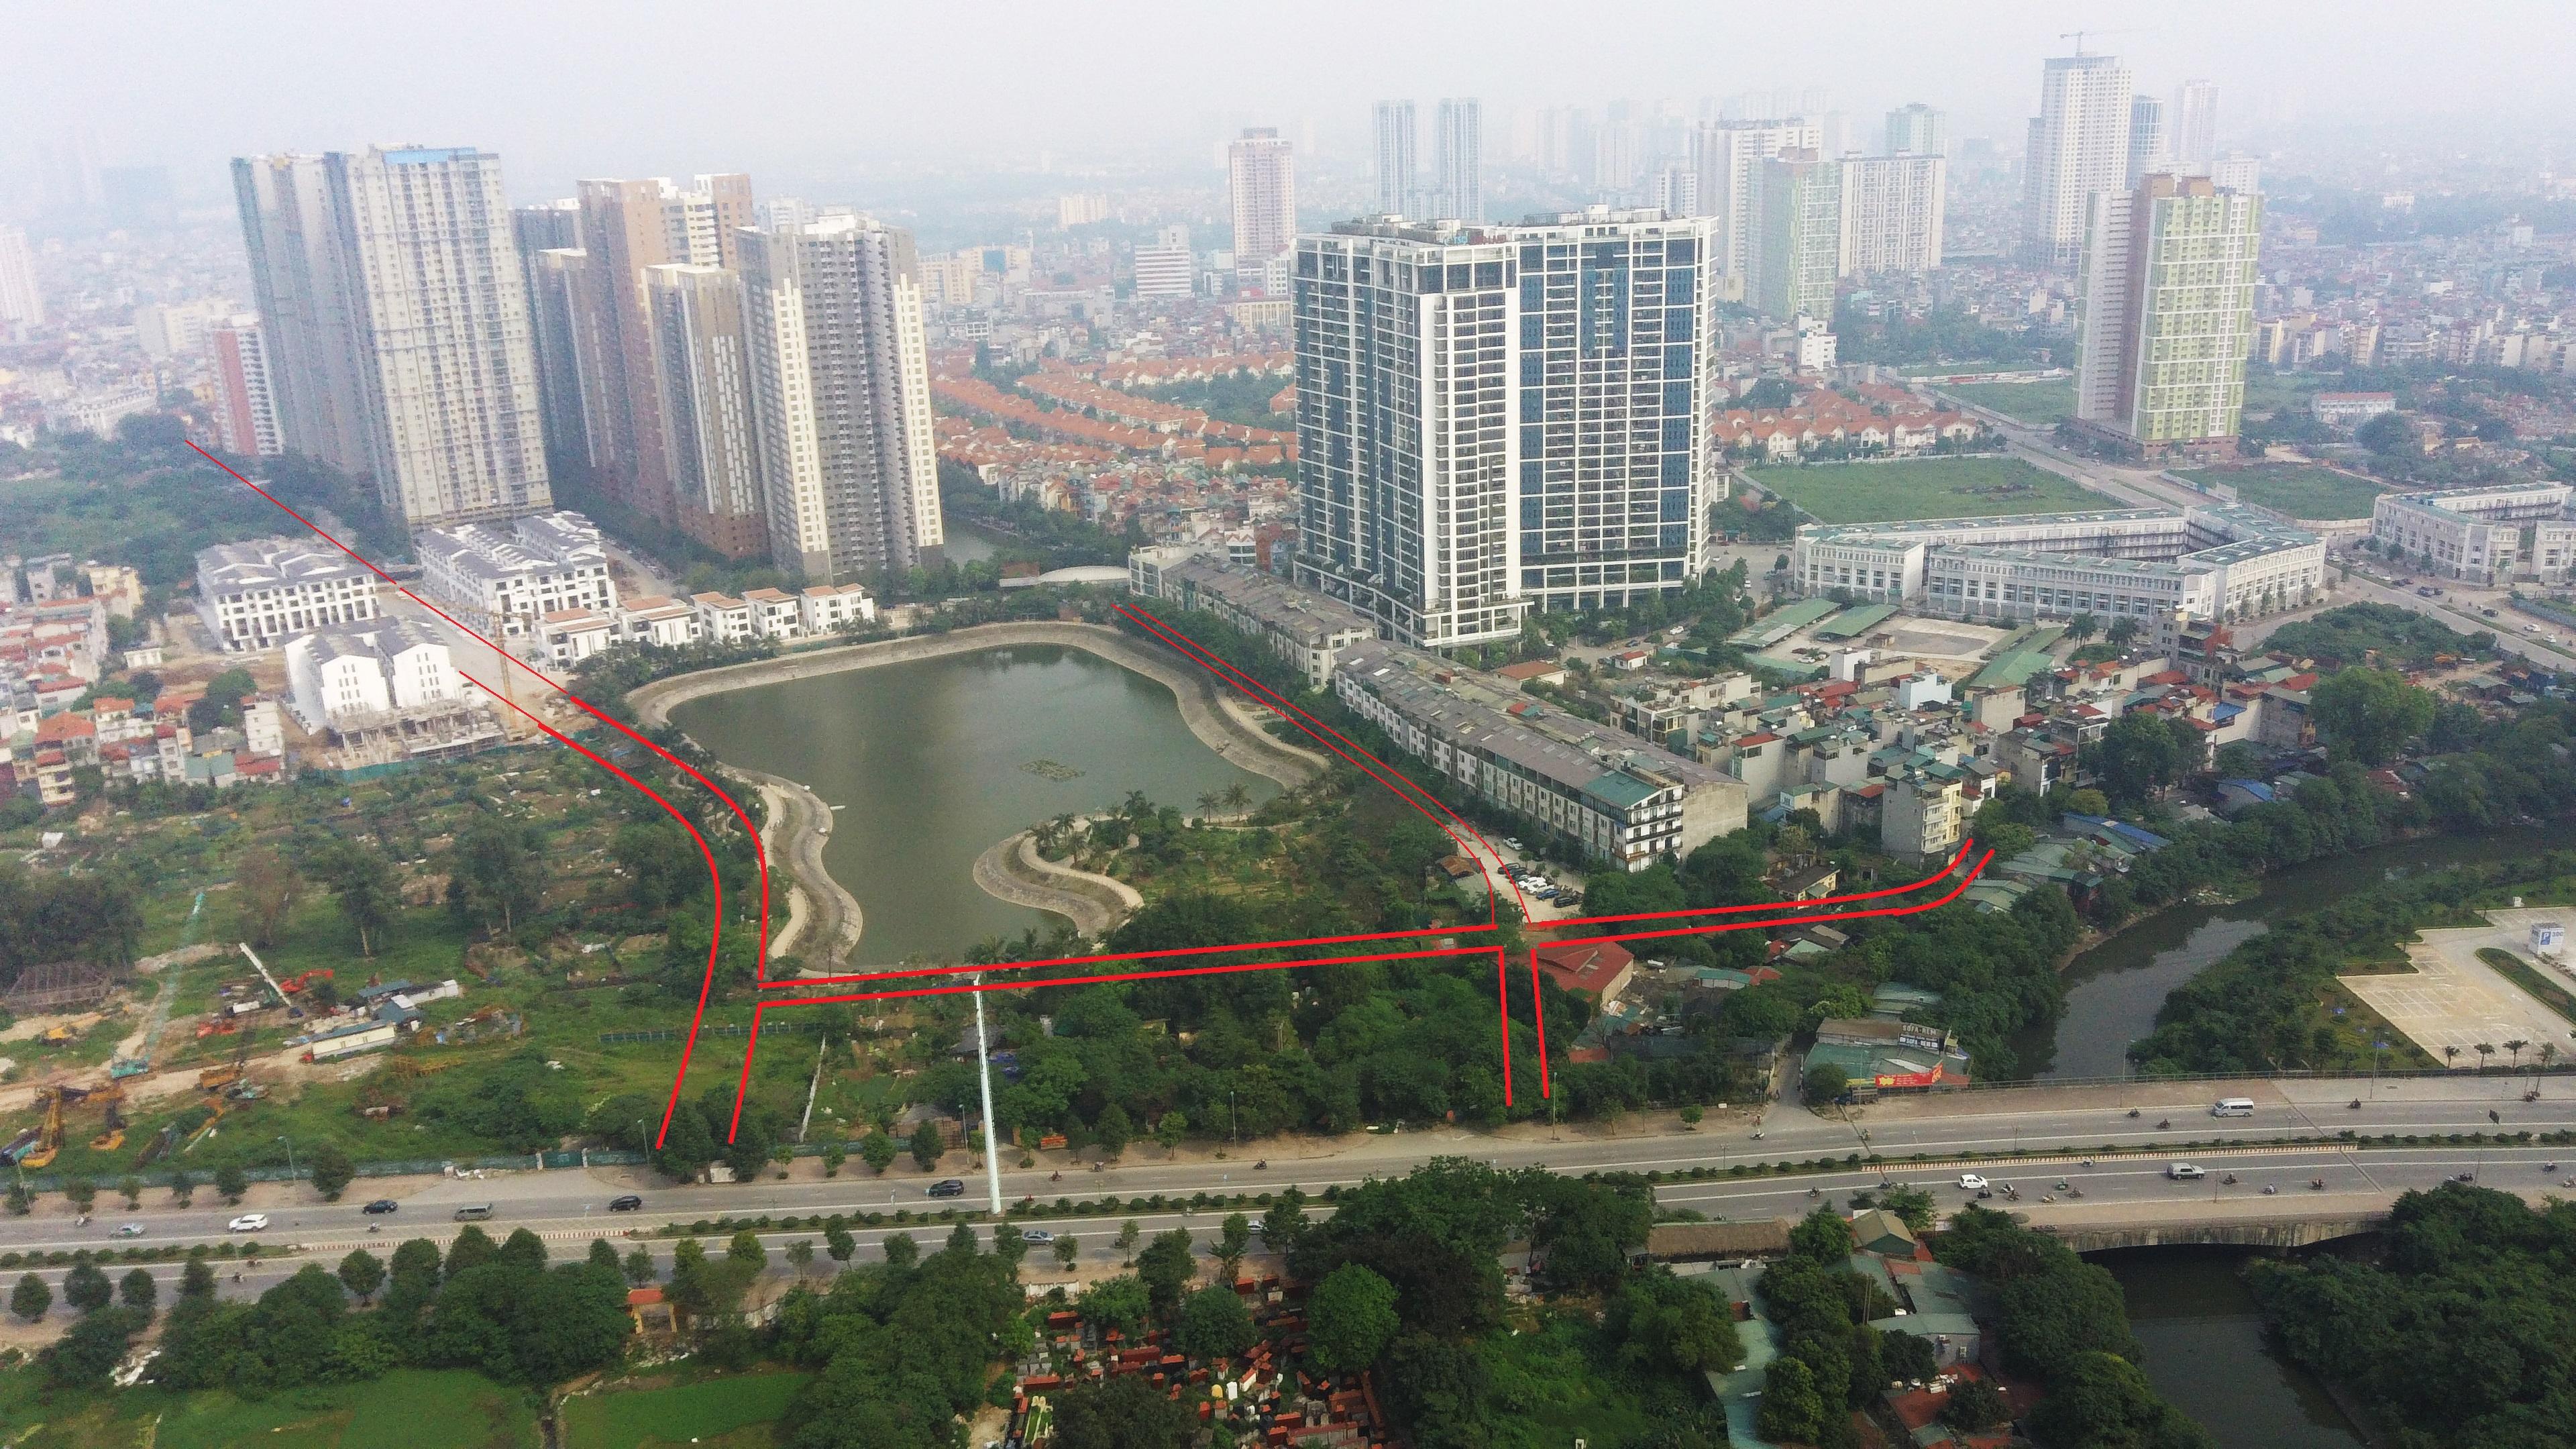 Qui hoạch sẽ 'đưa' hàng loạt chung cư ra đường lớn ở phường Trung Văn - Ảnh 9.